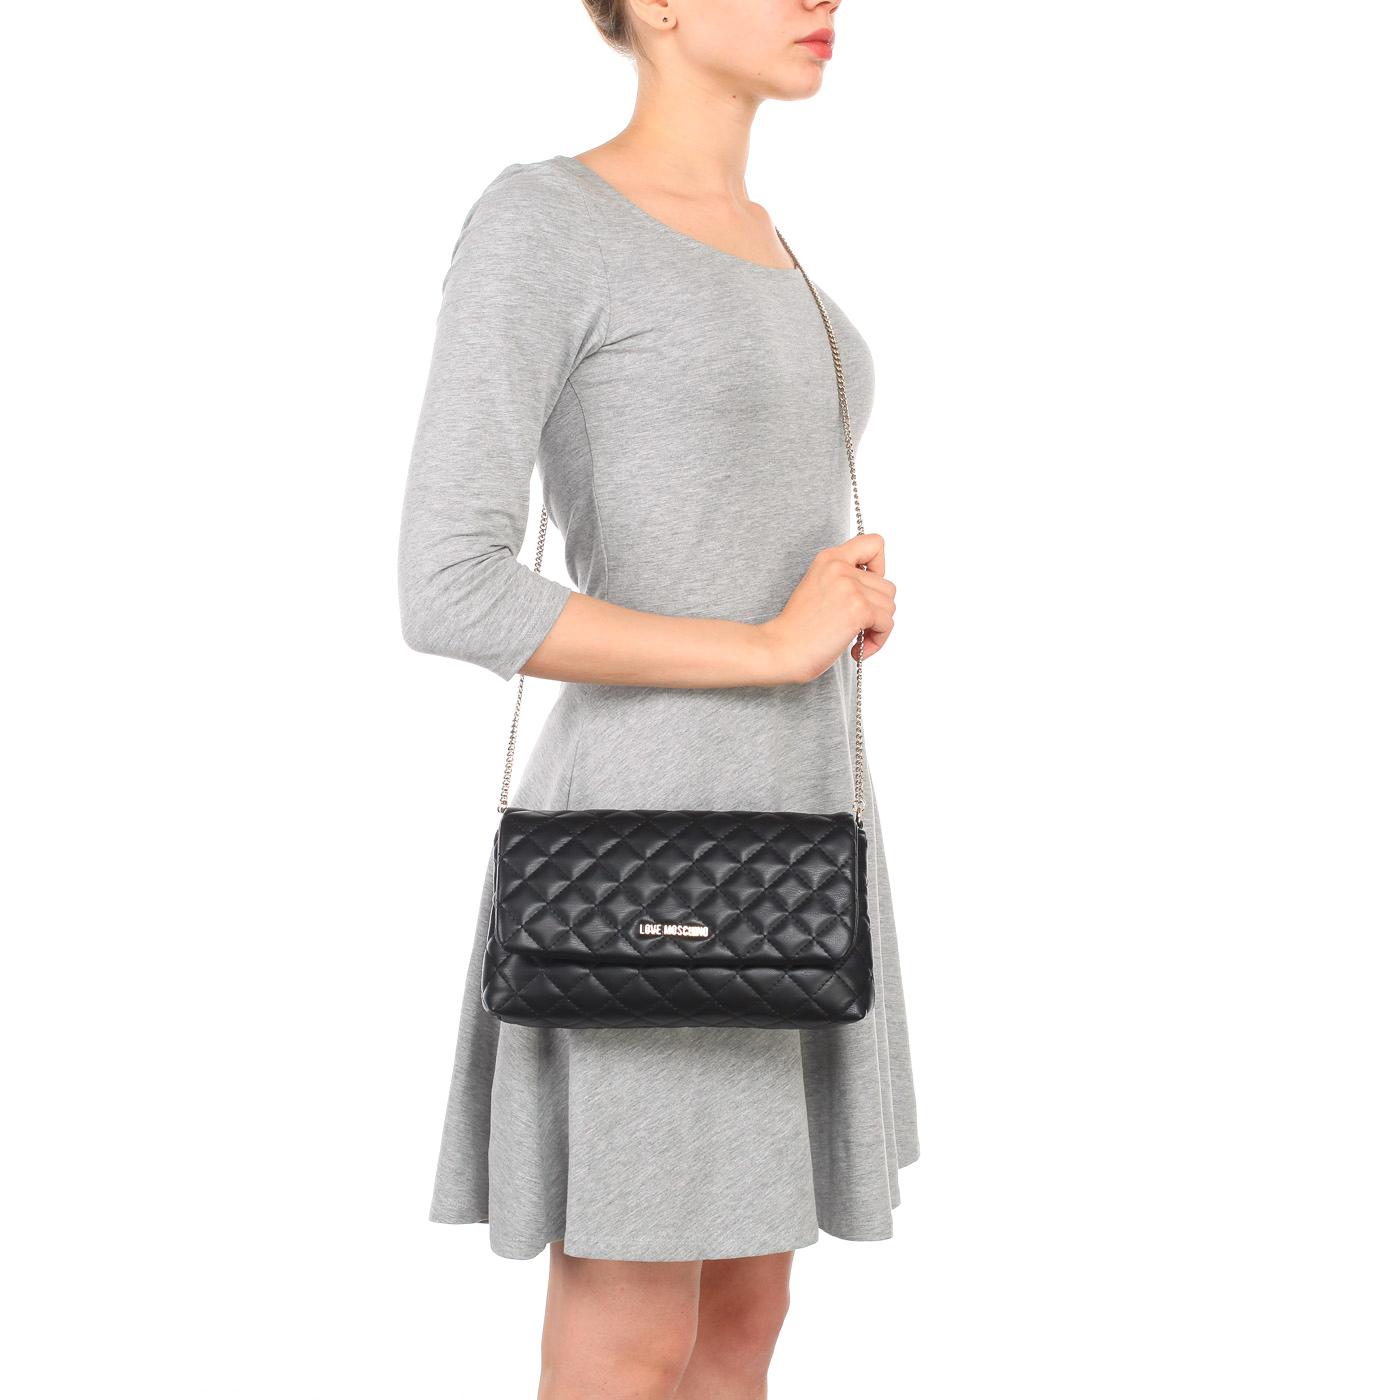 3a76f5344dae ... Маленькая черная стеганая сумка с откидным клапаном и цепочкой Love  Moschino Evening bag ...